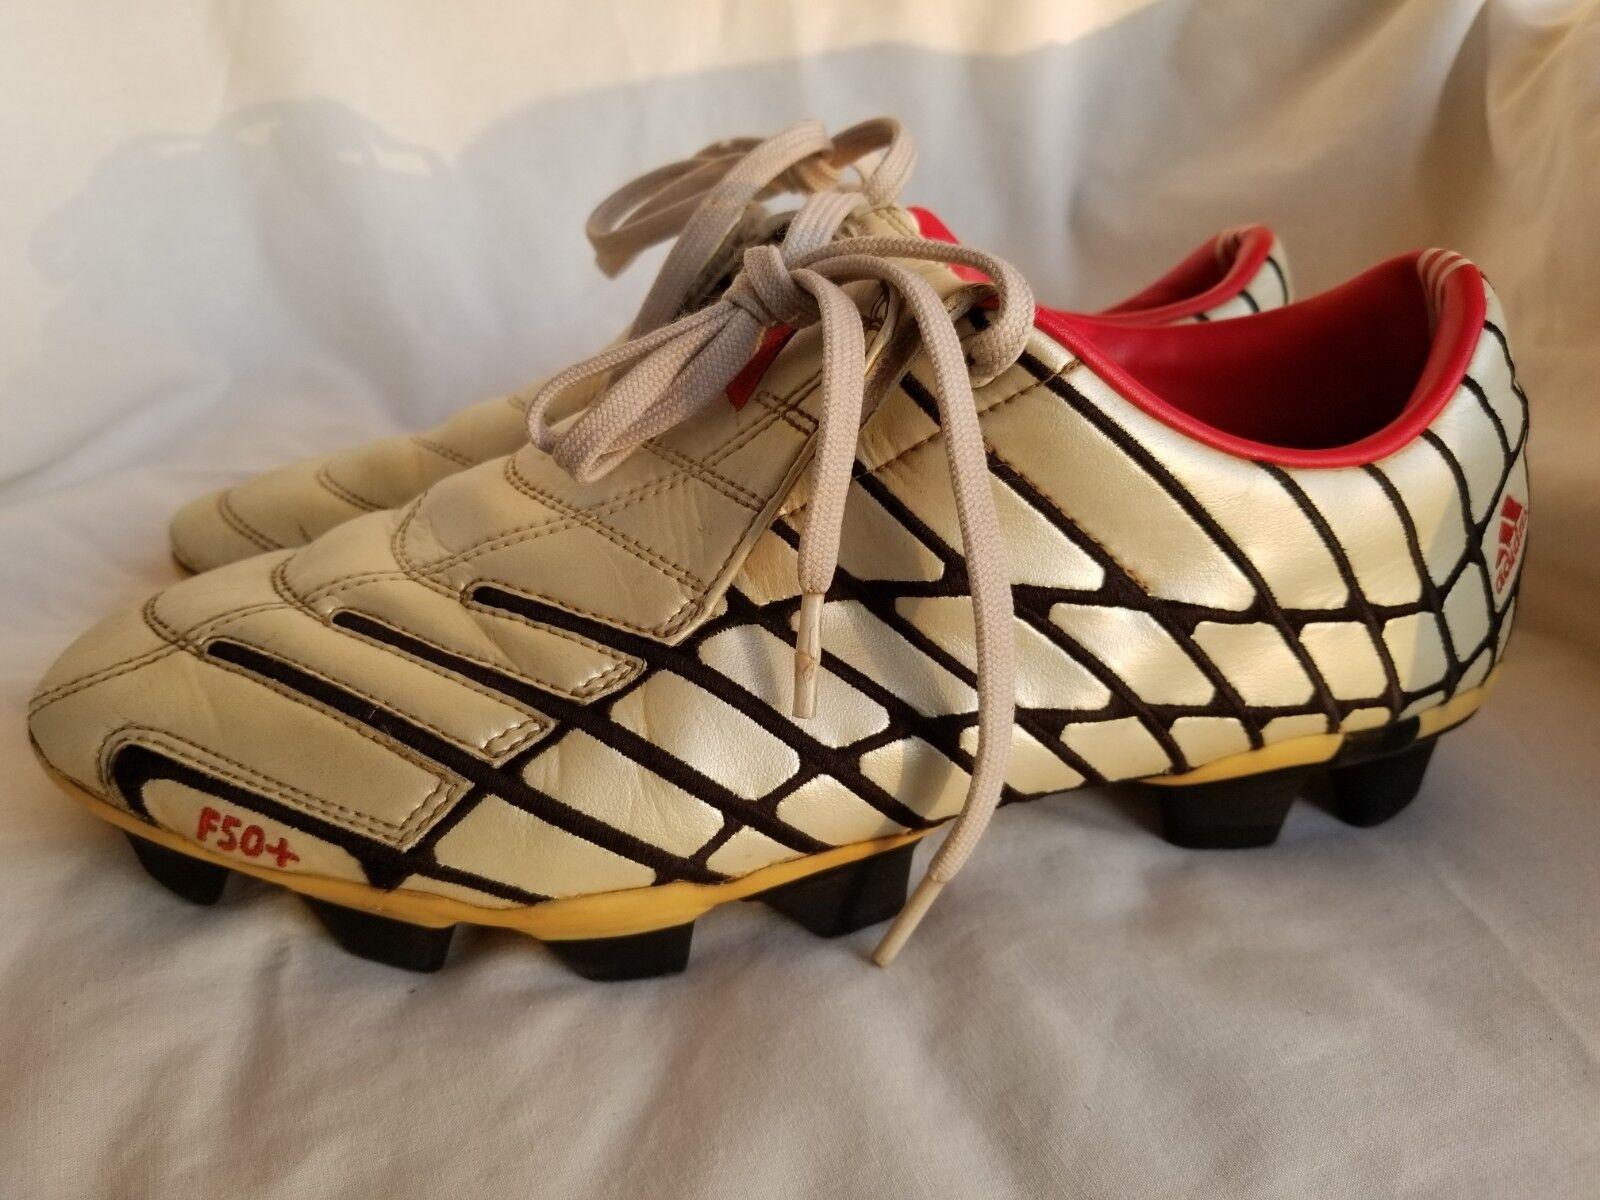 Adidas Prossoator f50  Goal ed Calcio Stivali Mania Accelerator Us 9